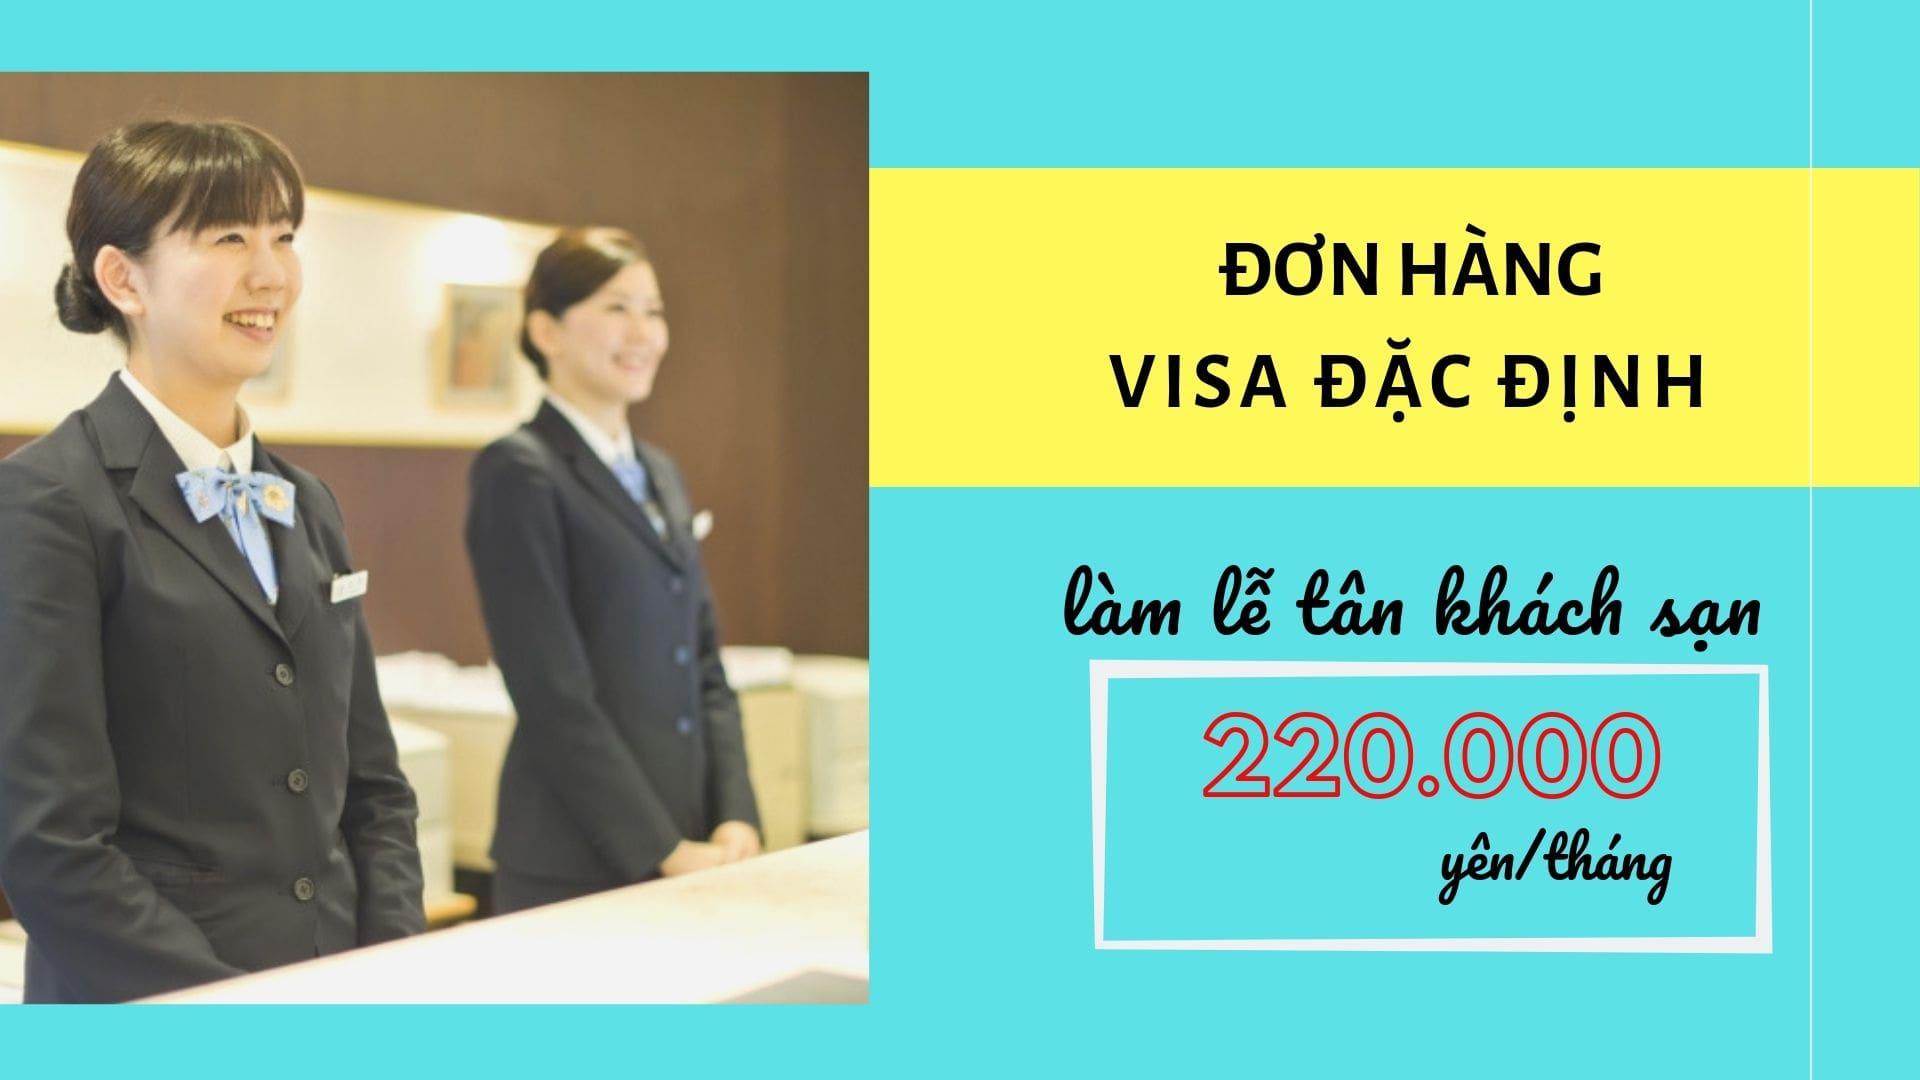 Đơn hàng visa đặc định ngành khách sạn lương 220.000 yên/tháng tại Tokyo!